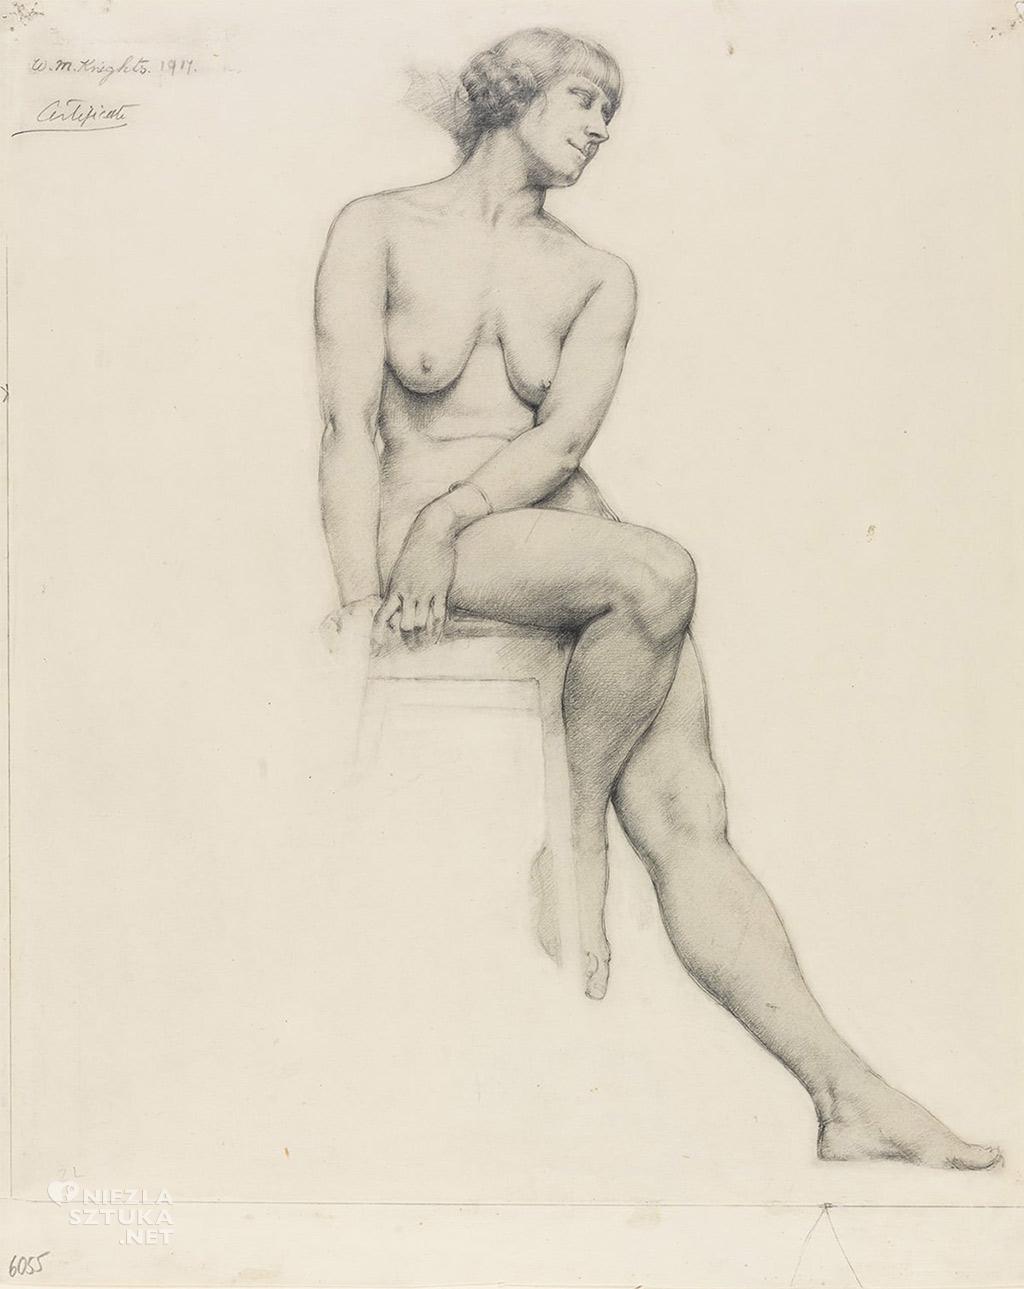 Winifred Knights, Akt, 1917, UCL Art Museum